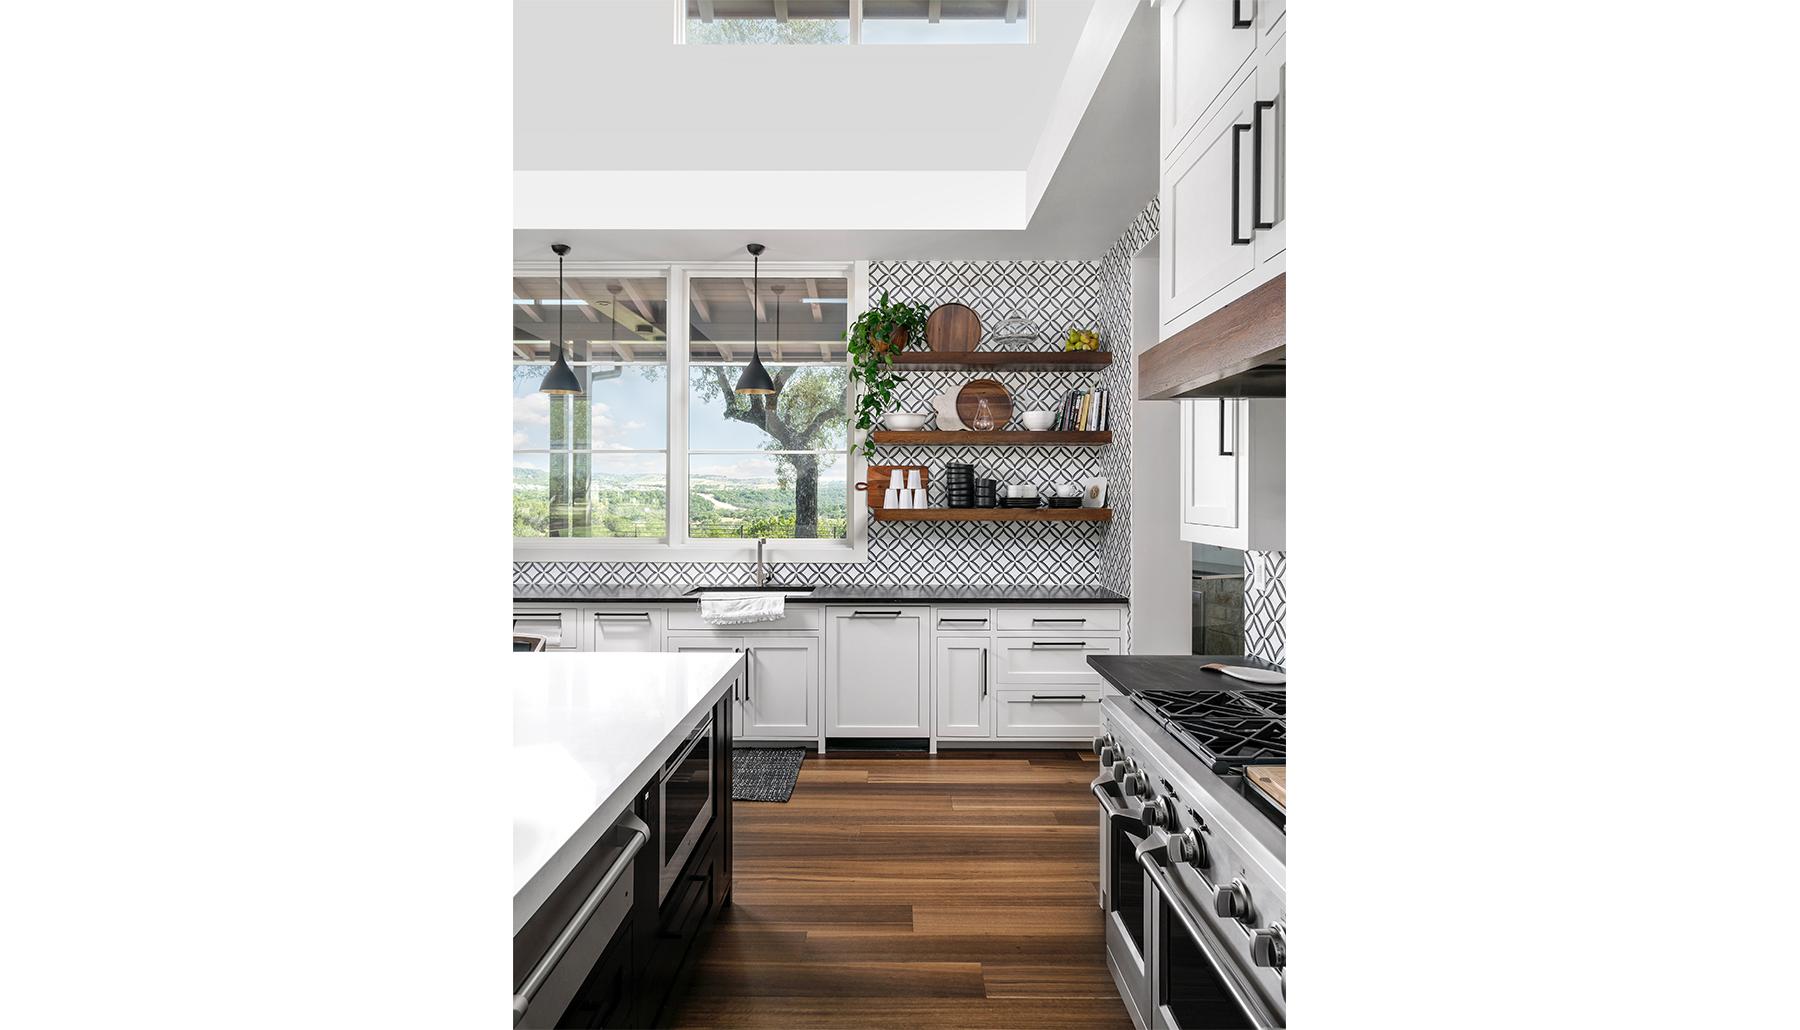 Spicewood Kitchen Window